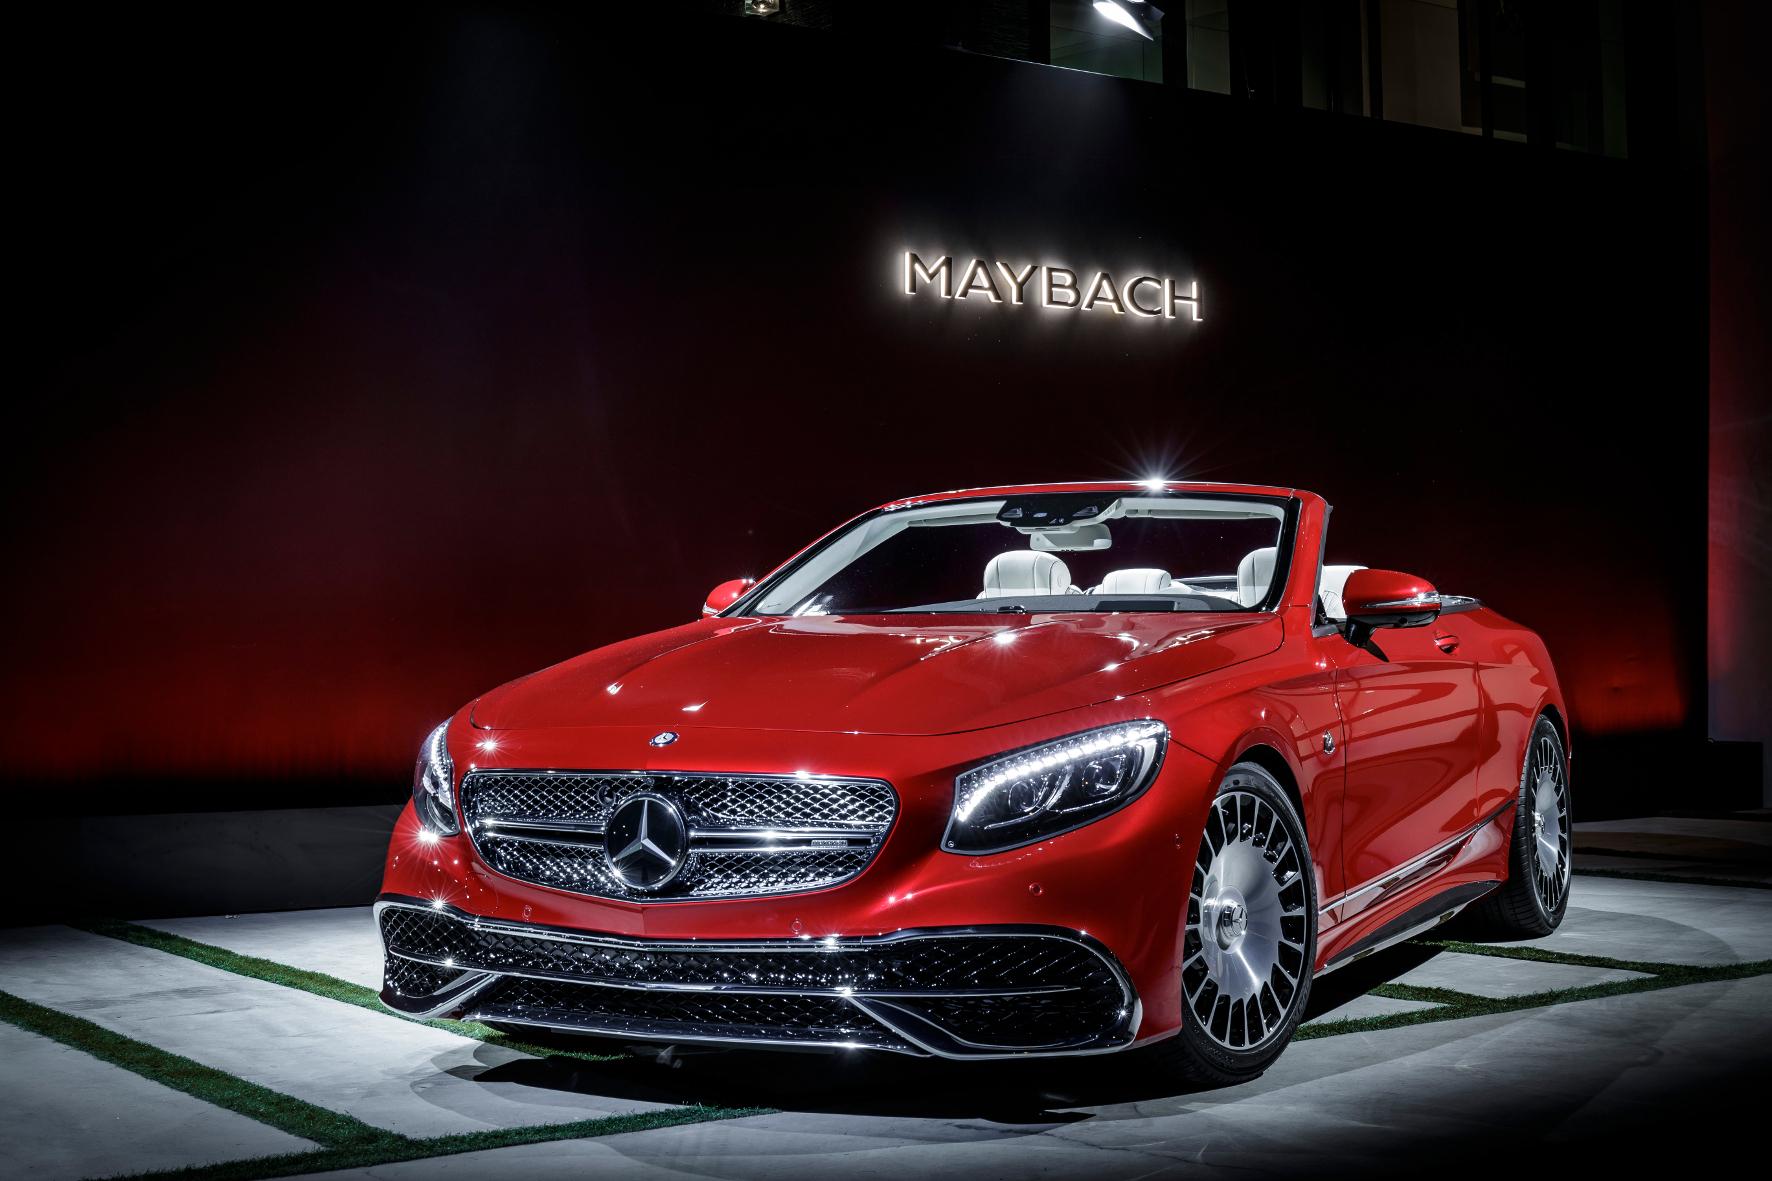 mid Los Angeles - Ganz großes Kino: Das Mercedes-Maybach S 650 Cabriolet ist streng limitiert. 300 Einheiten zum Stückpreis von 300.000 Euro - zuzüglich der landesüblichen Steuern - sollen entstehen.